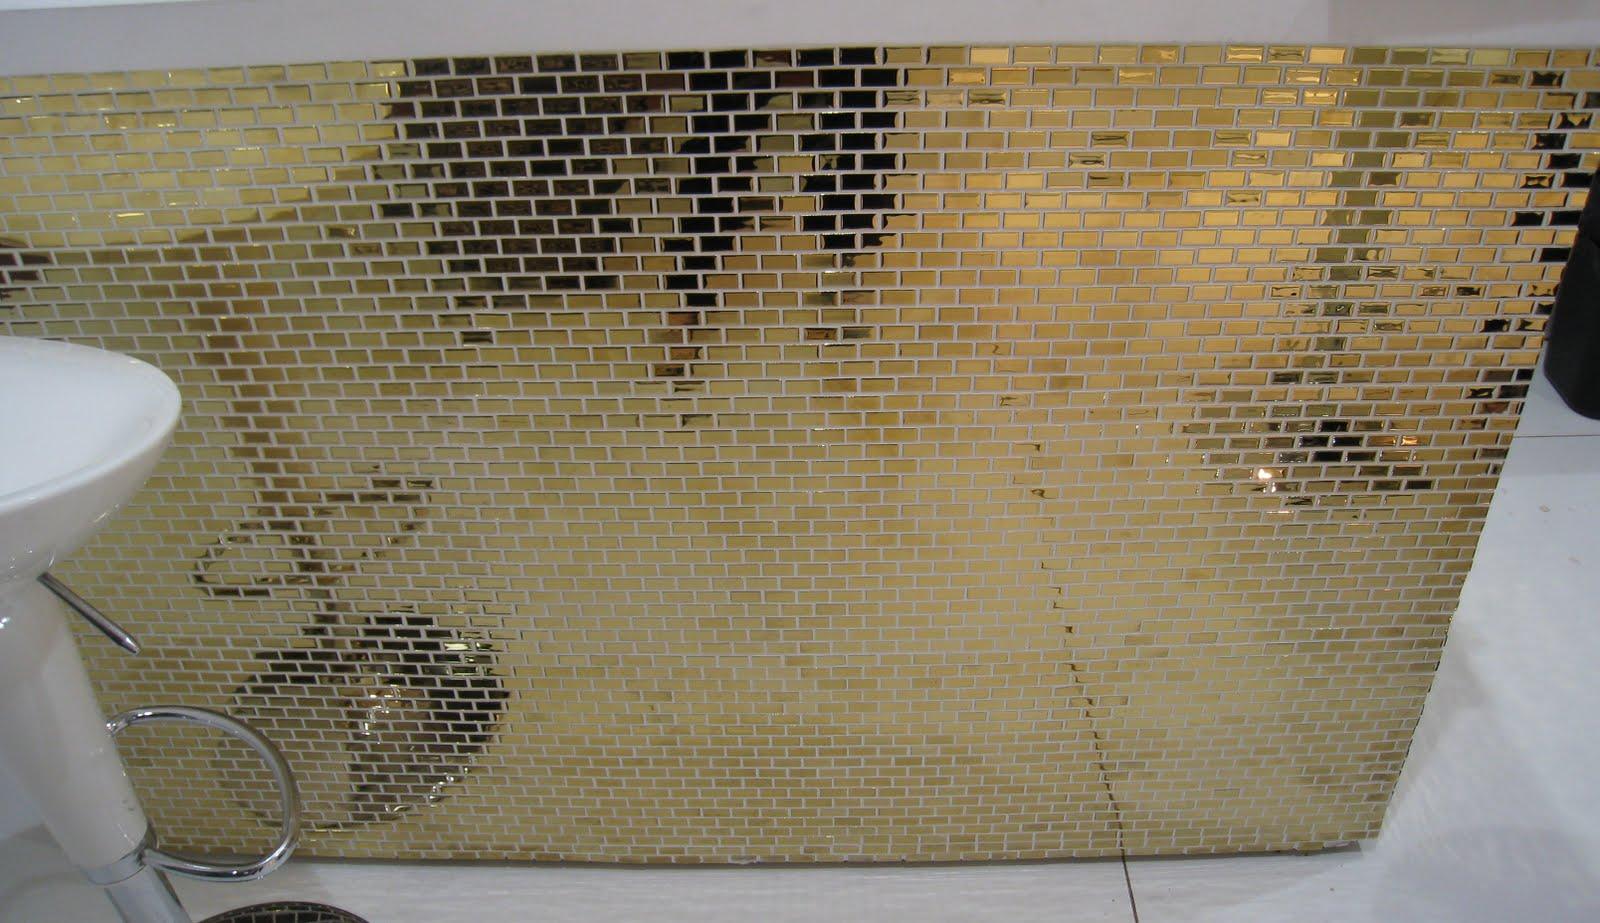 Pastilha Dourada formato tipo tijolinho fashion! #927239 1600x923 Banheiro Com Pastilhas Douradas